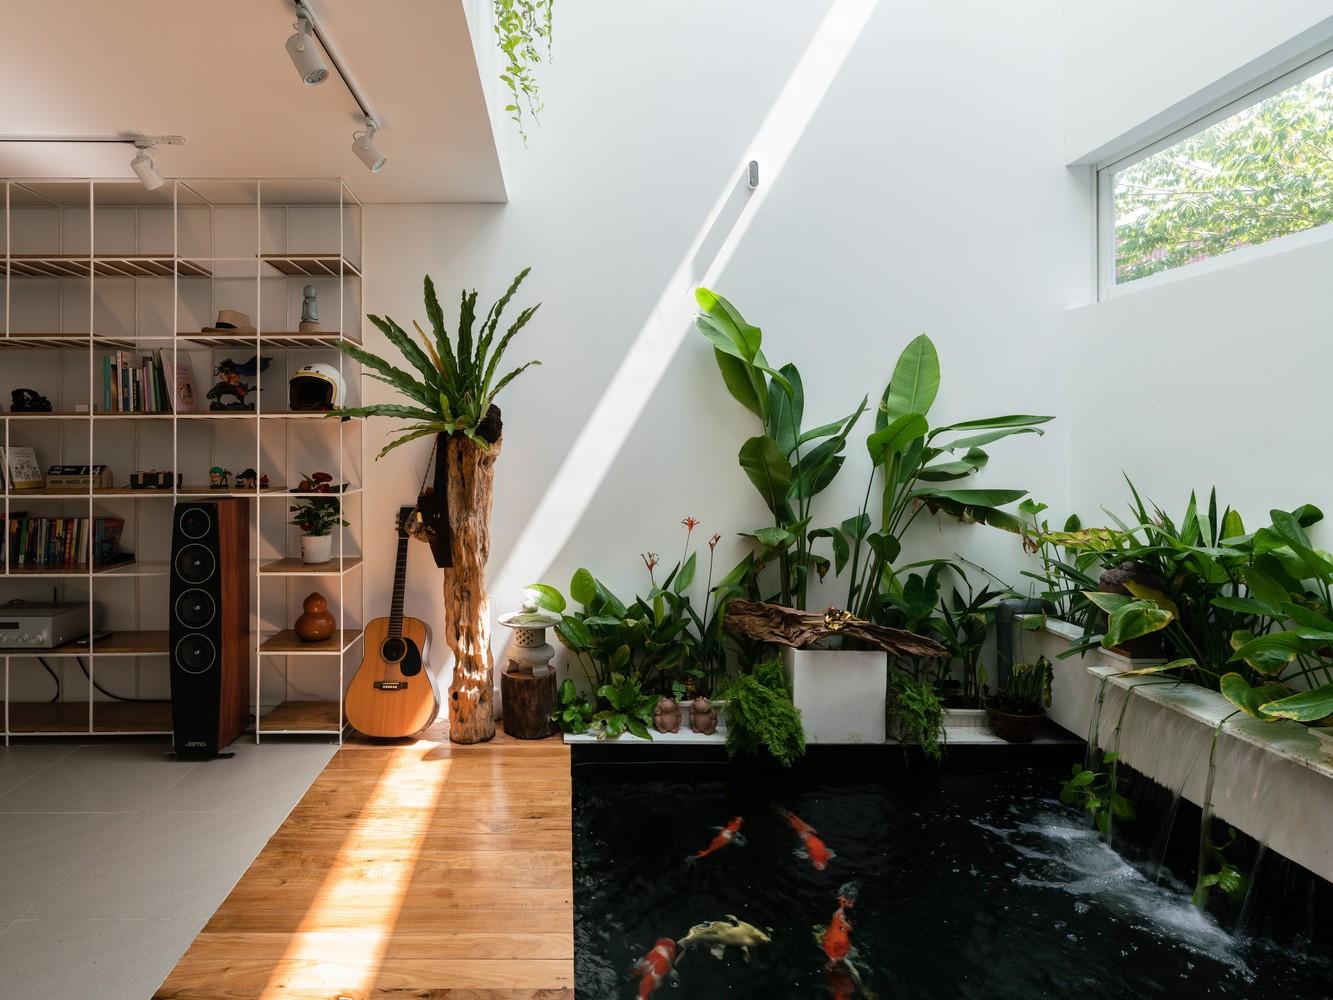 Tendencias en diseño y construcción del 2020: Lo recurrente, popular, relevante y sustancial,Q House / Q concept. Image © Quang Dam